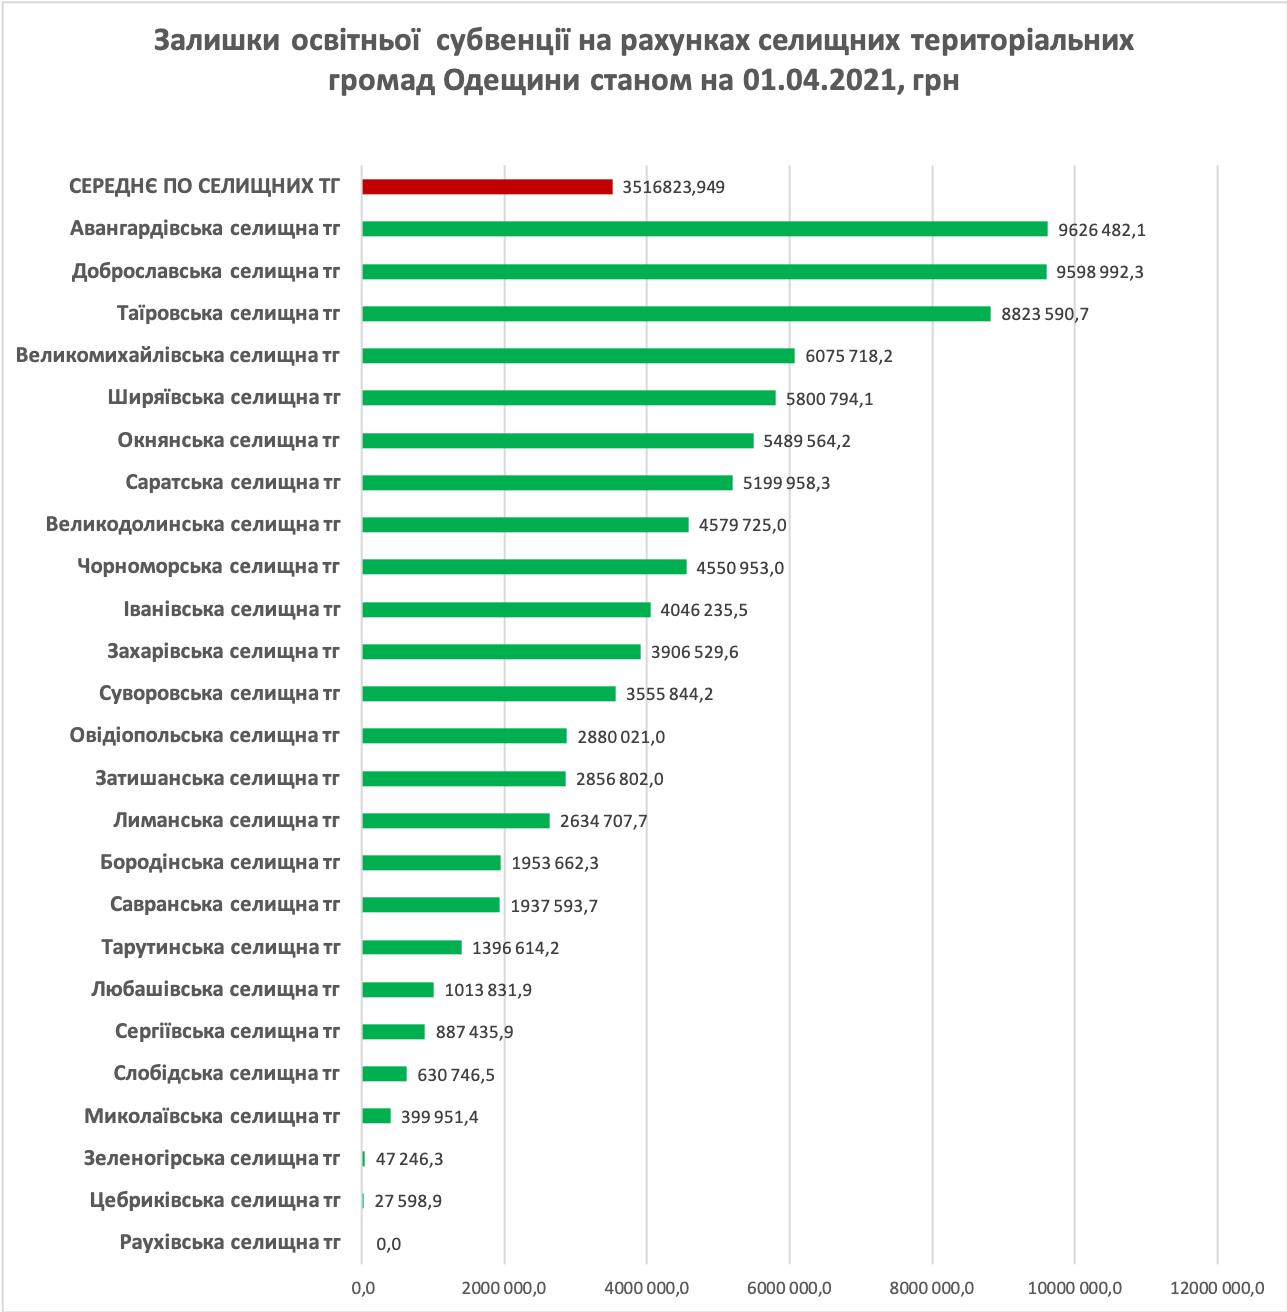 Аналитики изучили, насколько эффективно громады Одесчины освоили образовательные субвенции в I квартале